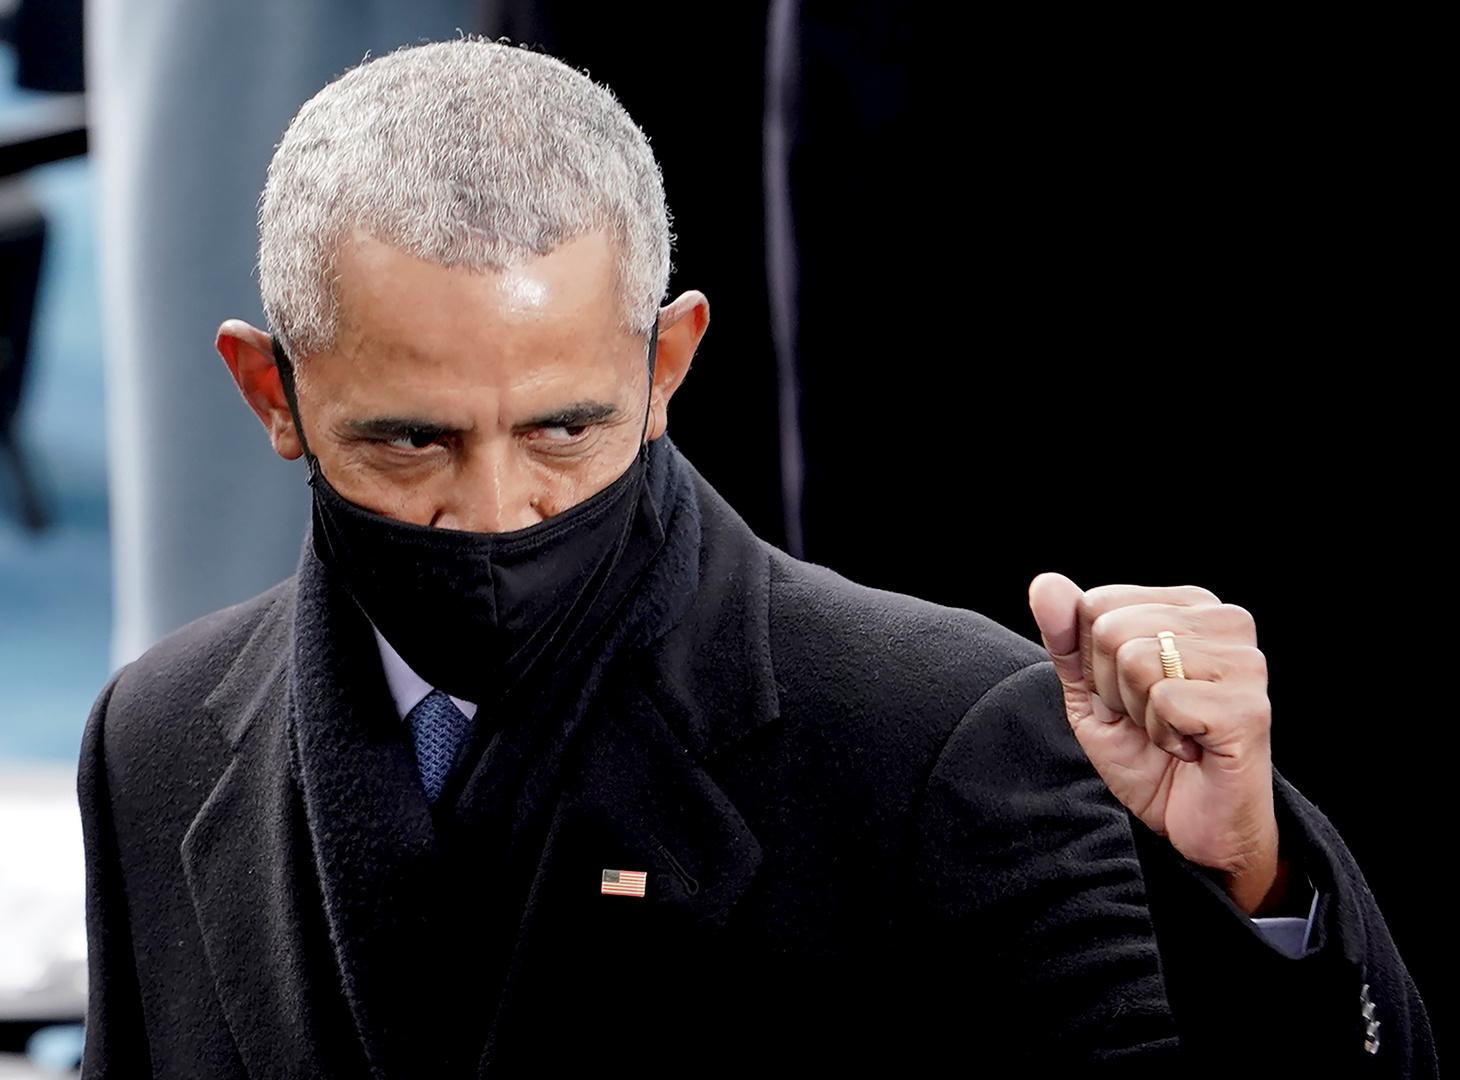 أوباما: القيود المؤسساتية منعتني من التعليق على عمليات قتل الأمريكيين من أصل إفريقي